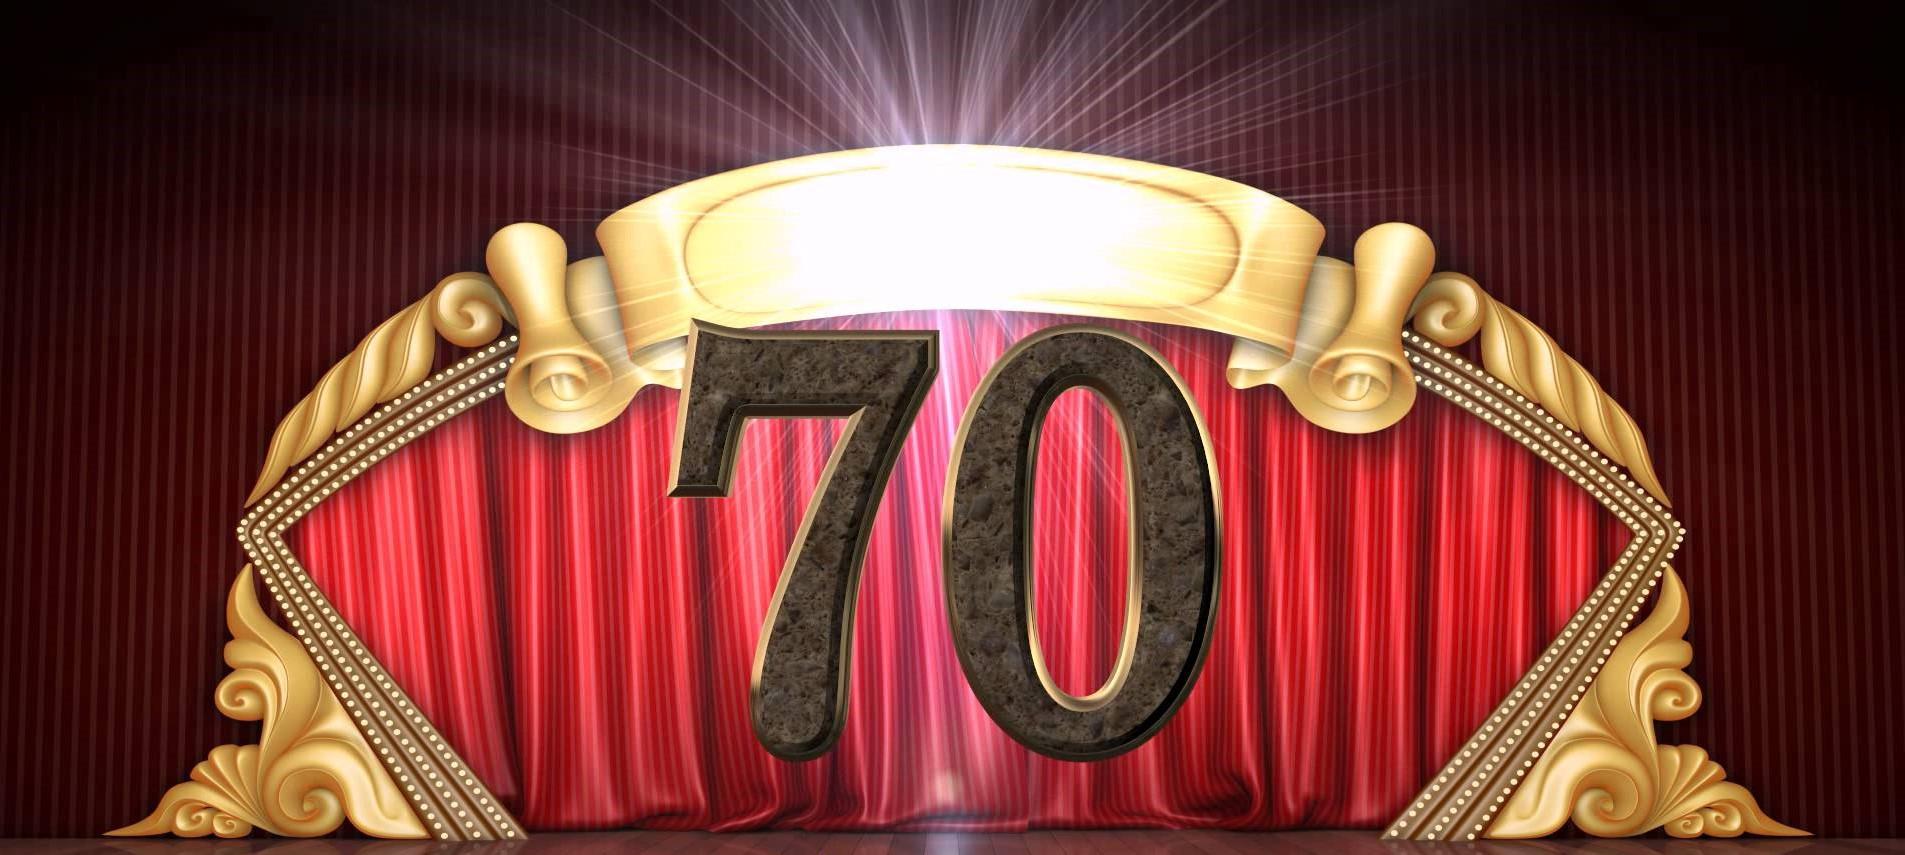 Поздравления к юбилею подруги 70 лет